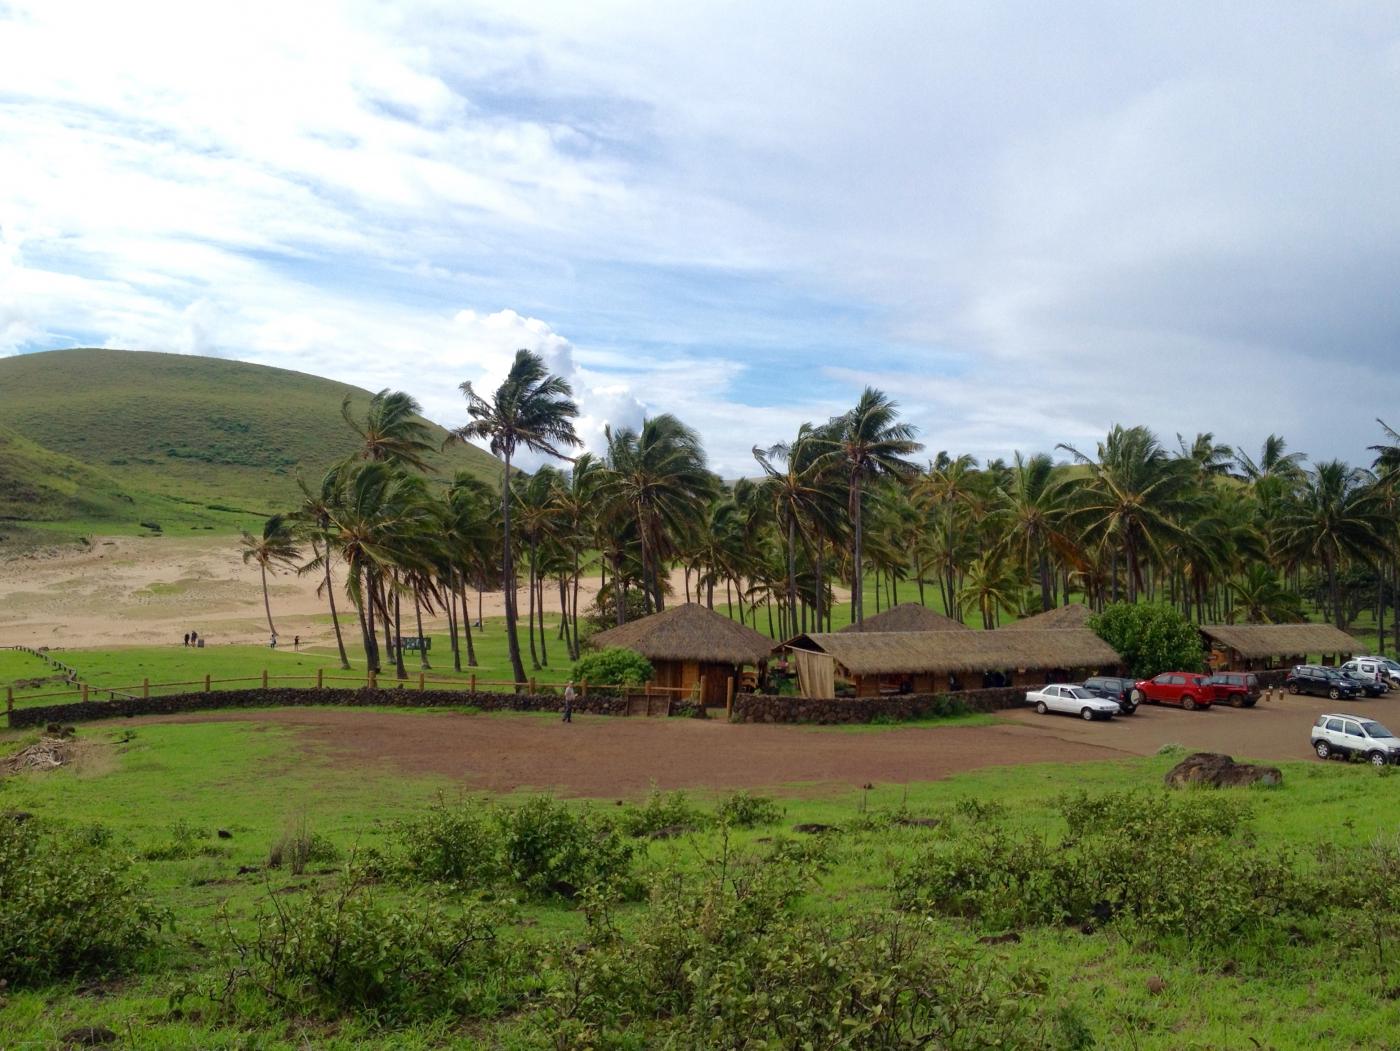 《我行故我在》之《復活節島:南太平洋的神秘之地》_图1-16